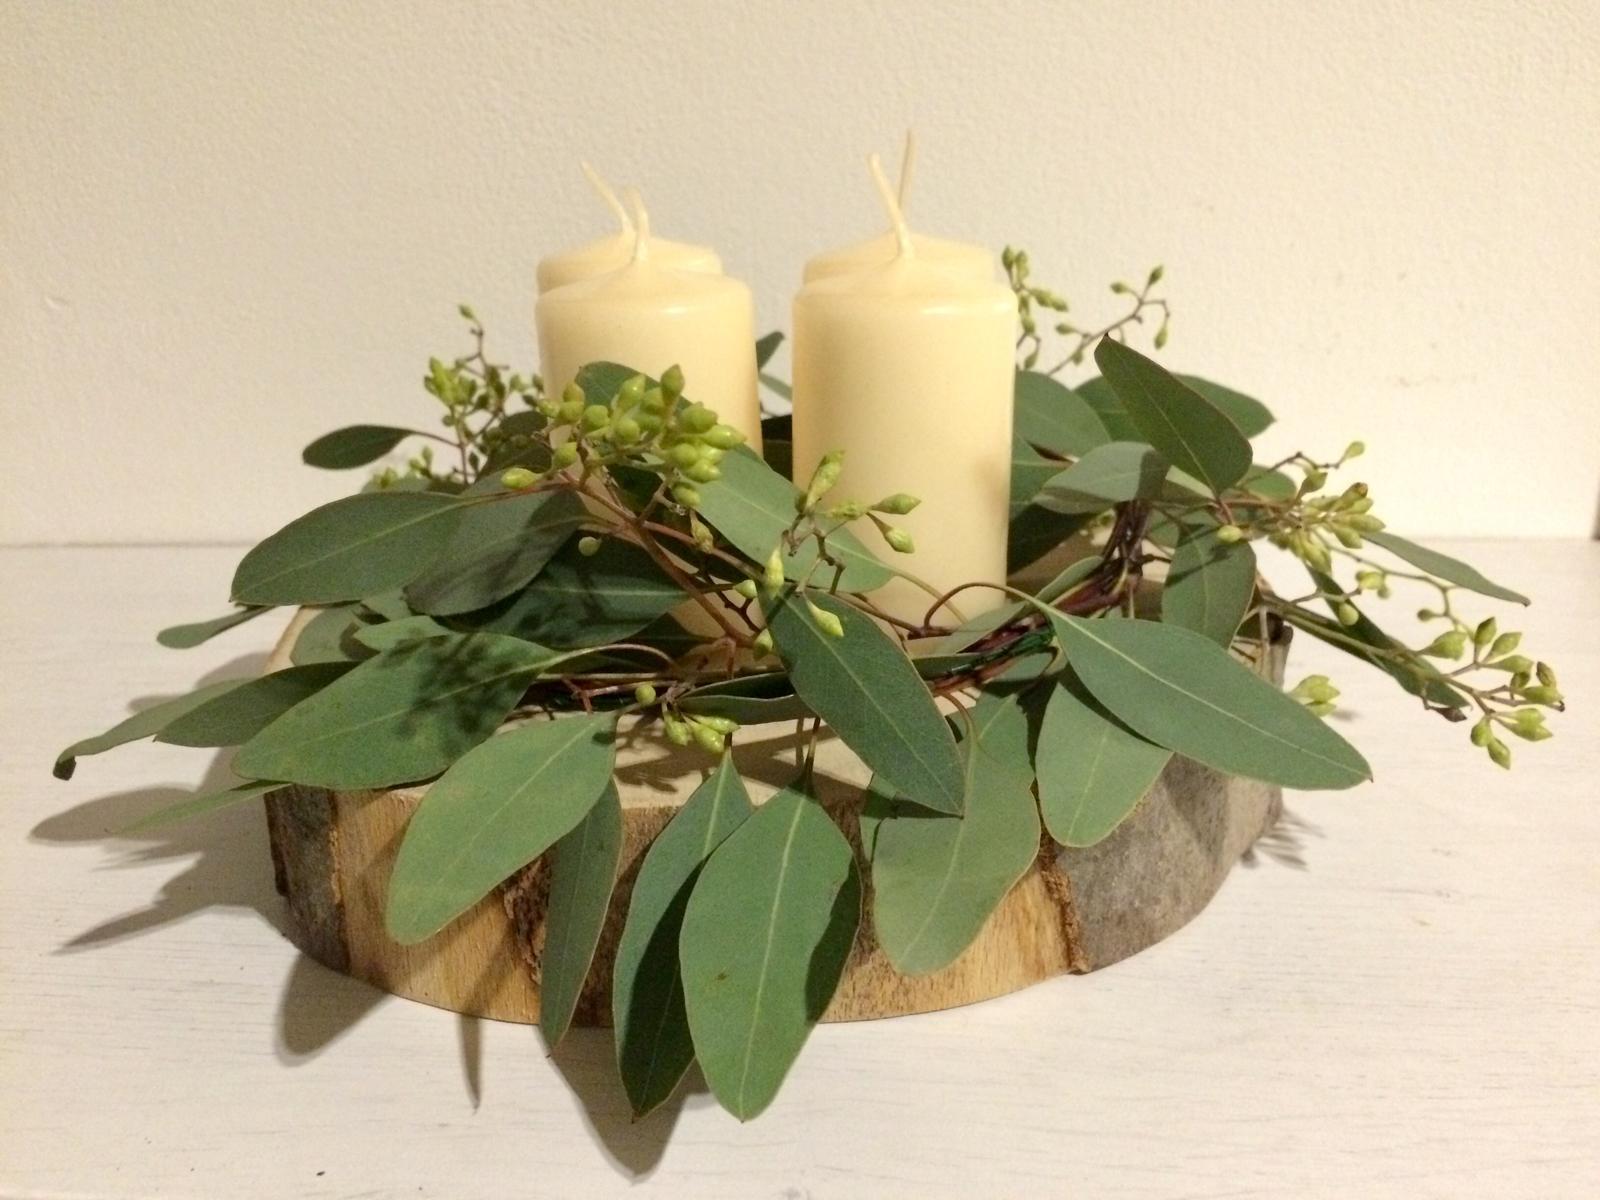 Dekorace z květin Pro radost - Náš letošní adventní. Po všech těch svícnech a věncích na benefici jsem se těšila na eukalyptový jednoduchý. Až Vánoce jsou o slávě a zdobnosti.